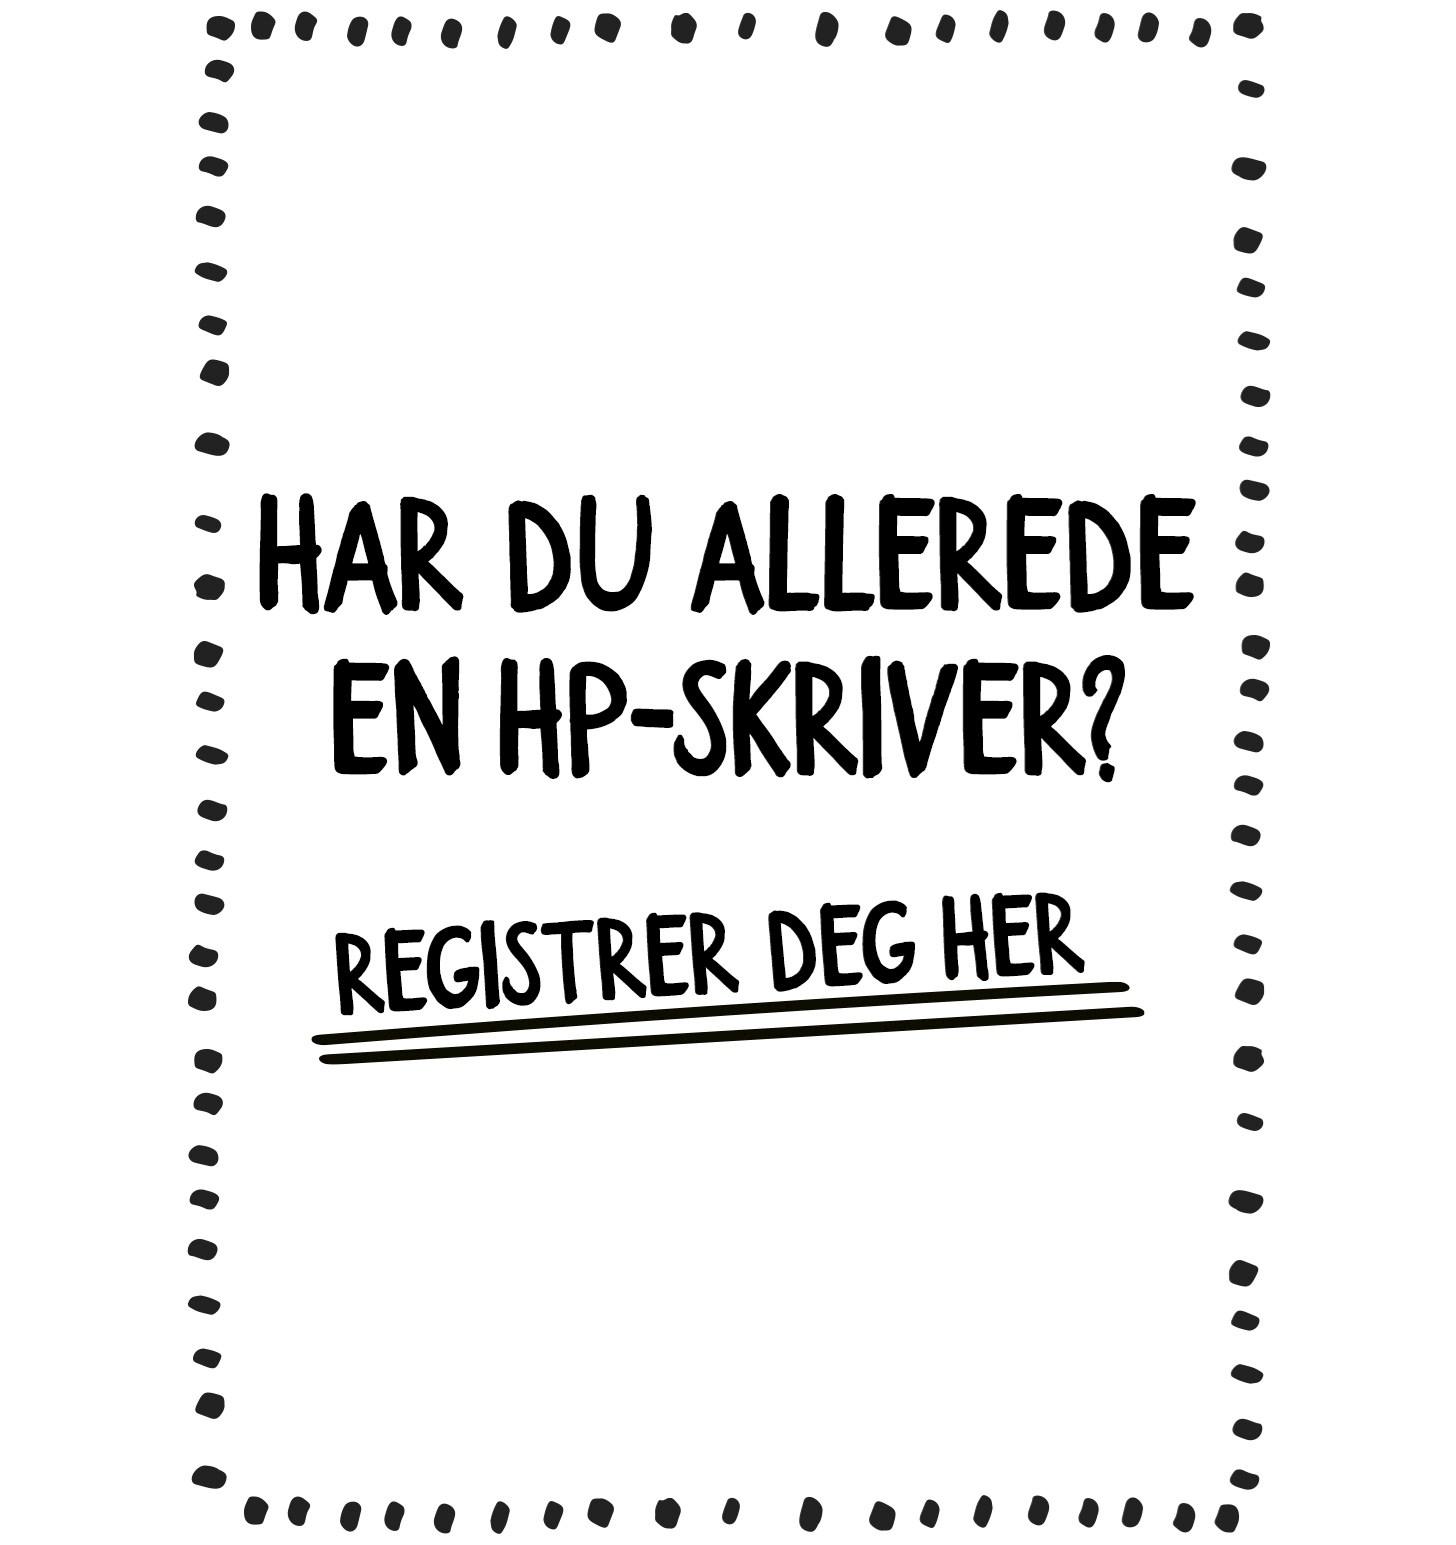 Registrer HP-printeren din her